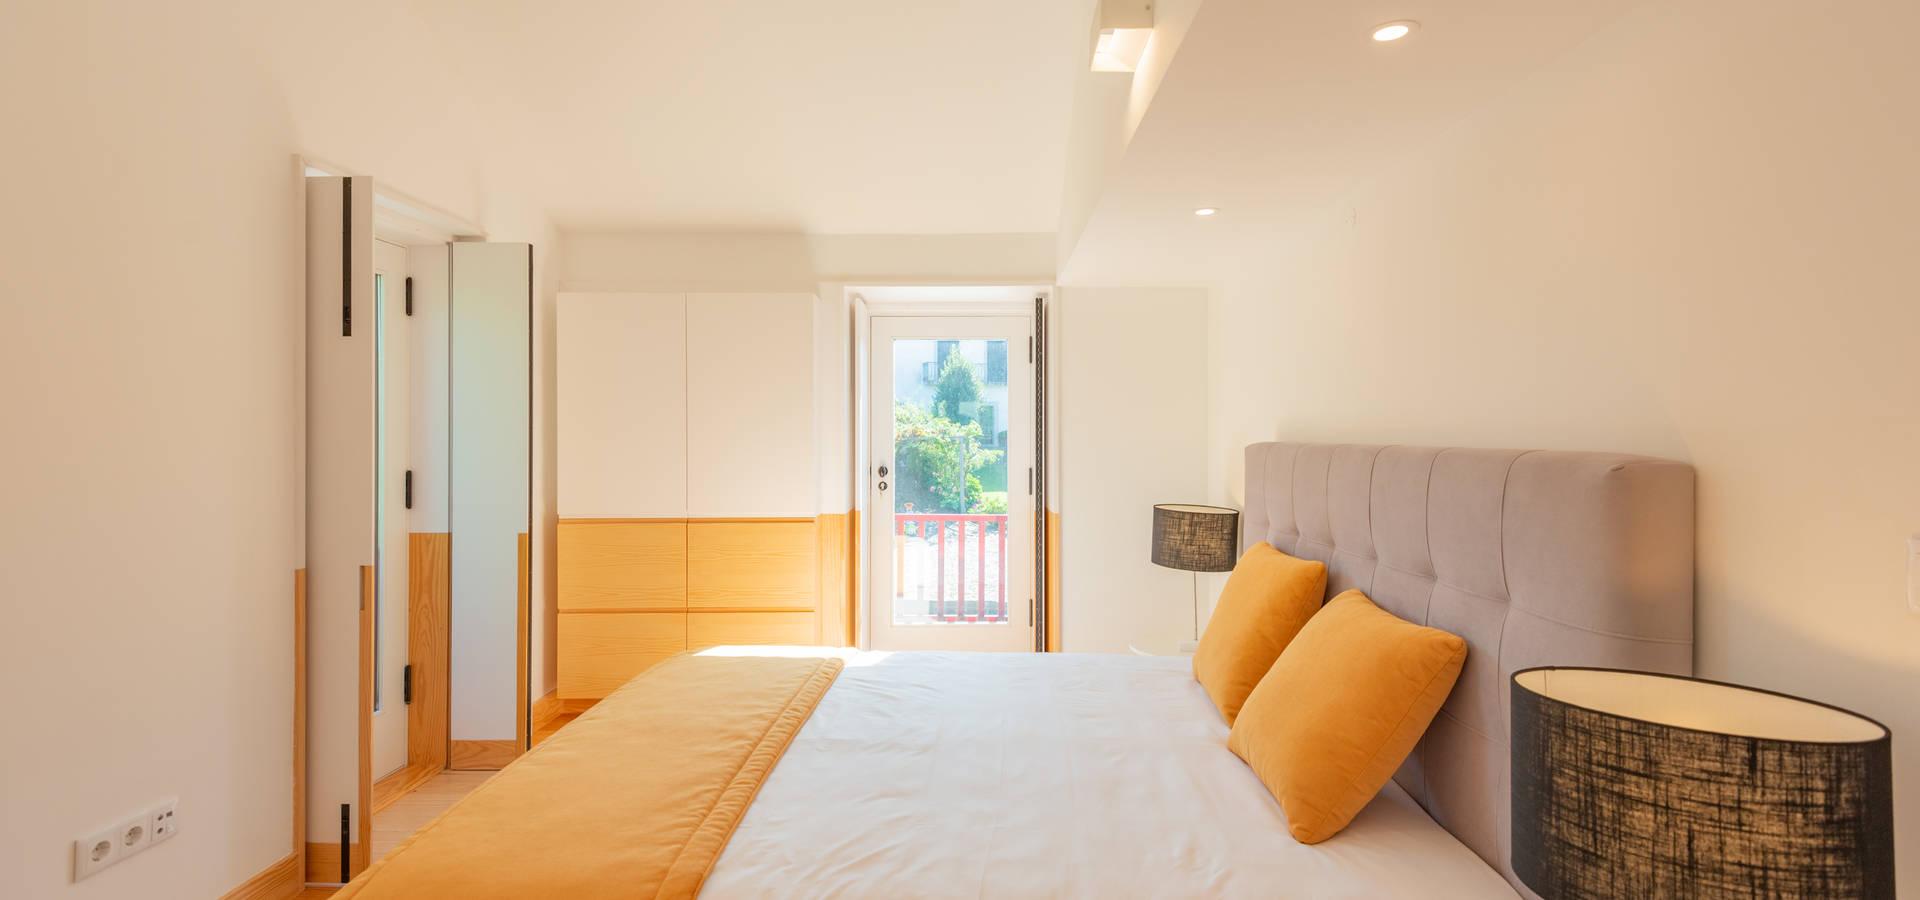 Innen Home Design